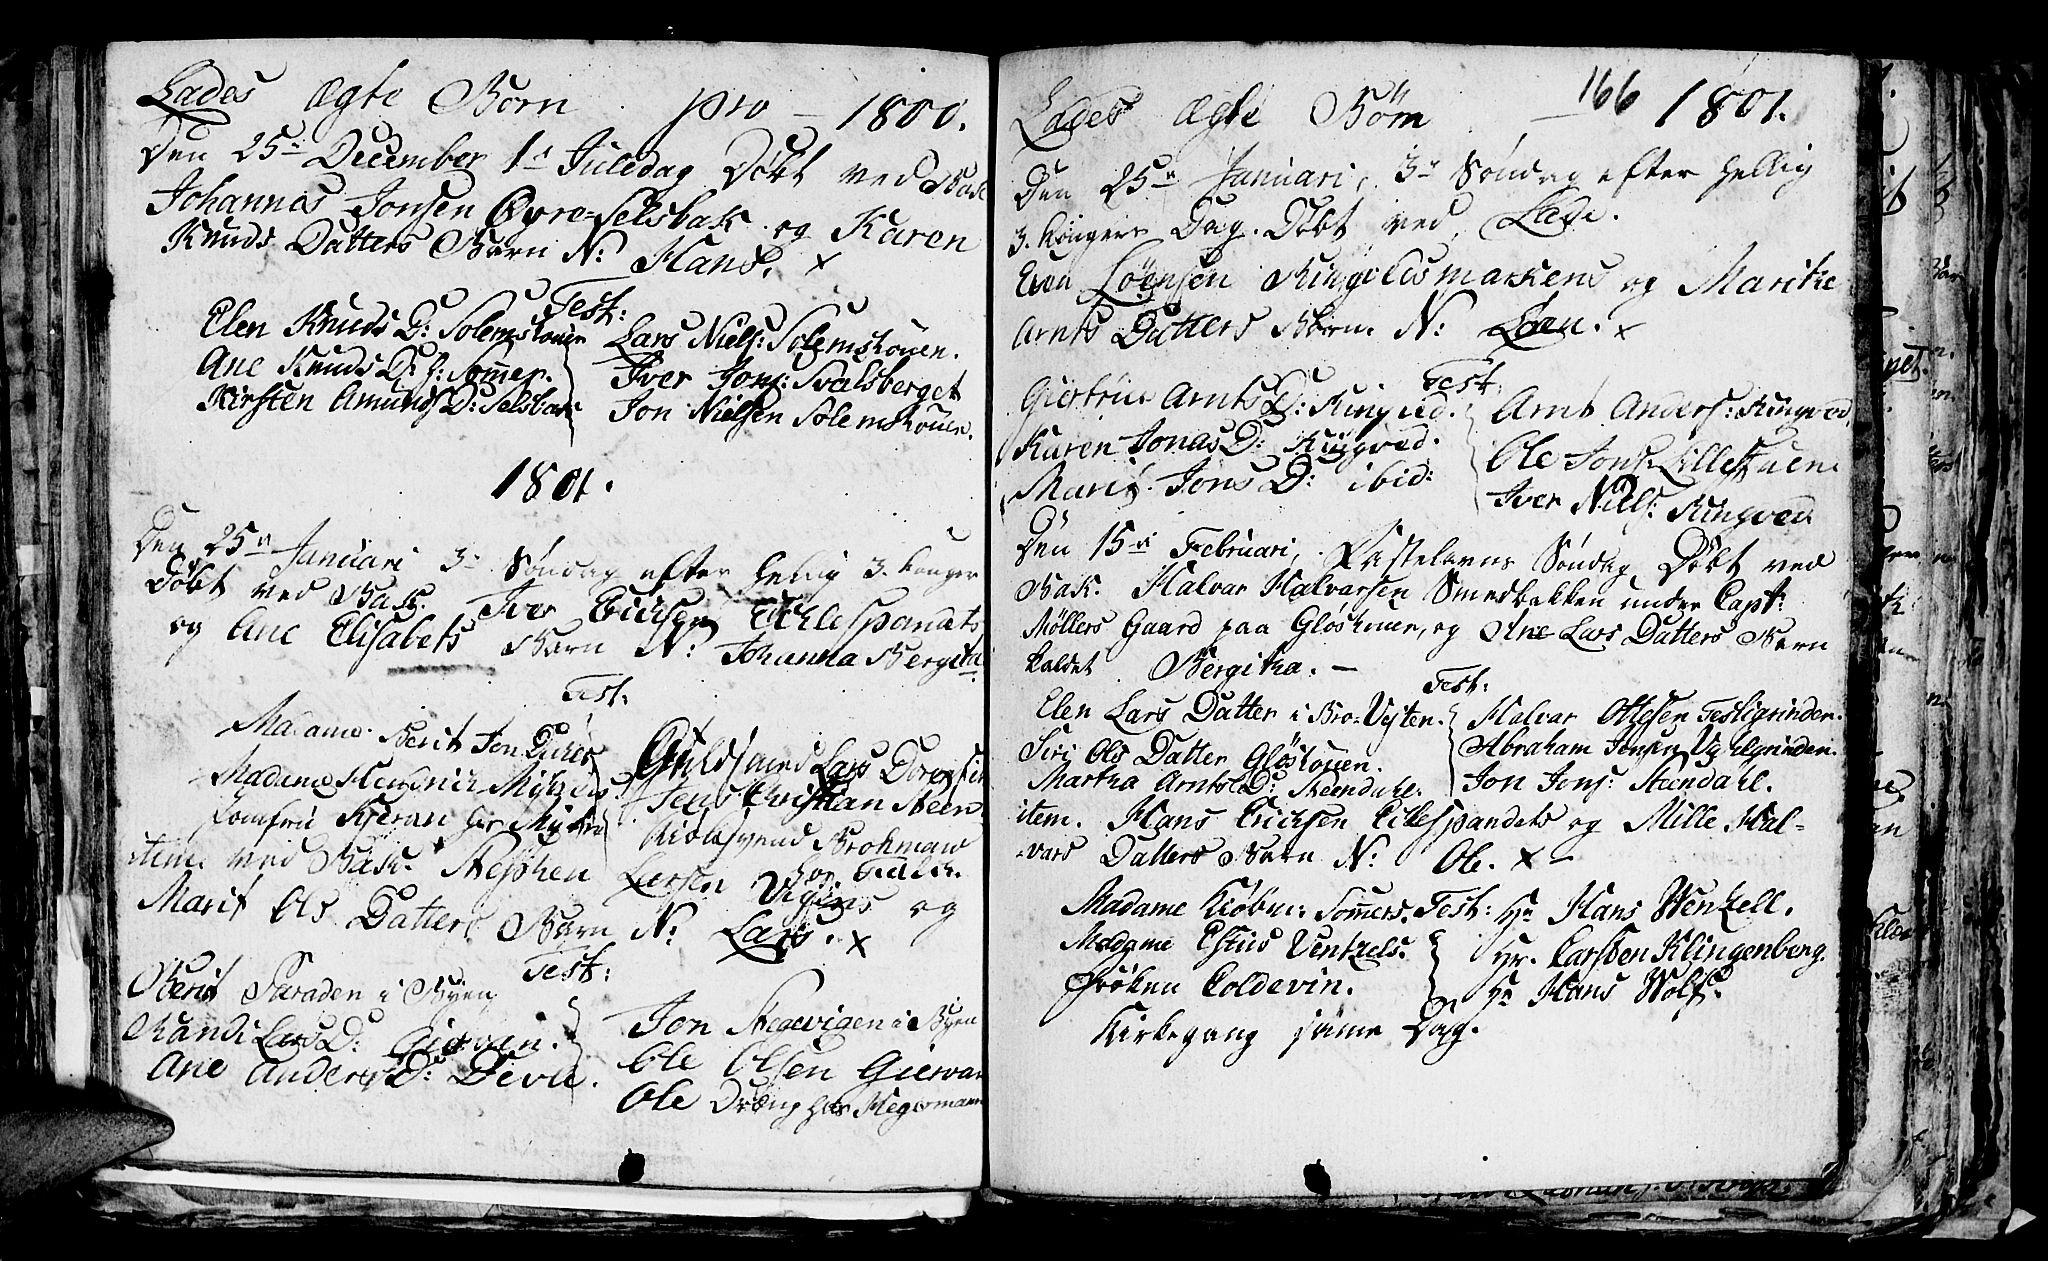 SAT, Ministerialprotokoller, klokkerbøker og fødselsregistre - Sør-Trøndelag, 606/L0305: Klokkerbok nr. 606C01, 1757-1819, s. 166